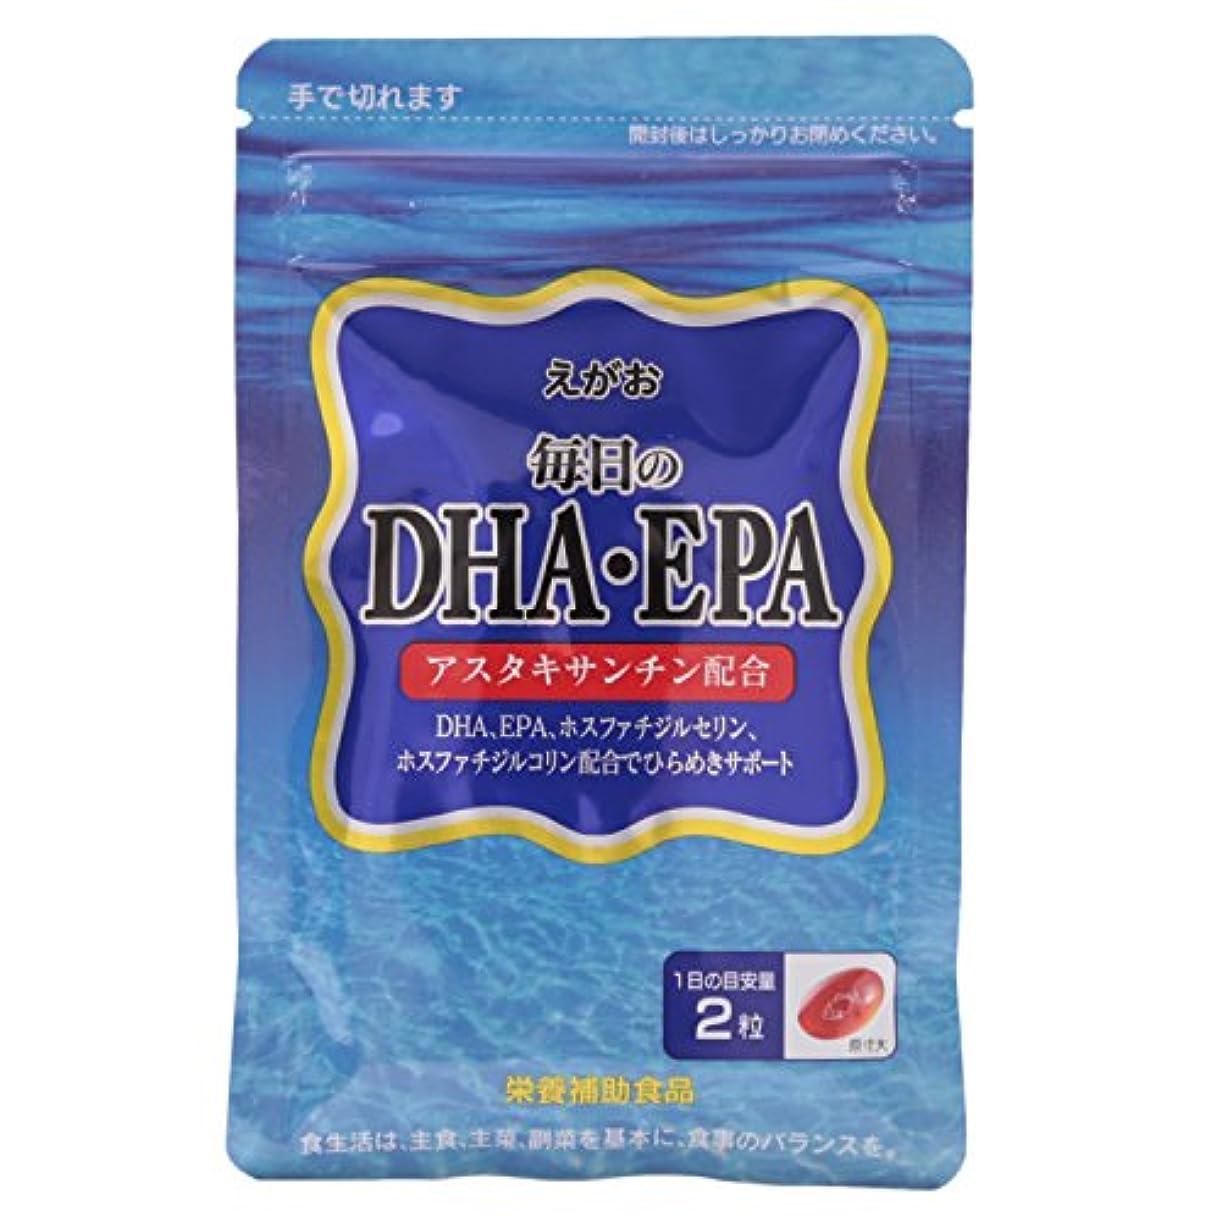 慣習マーティンルーサーキングジュニア質量えがお 毎日の DHA ? EPA 【1袋】(1袋/62粒入り 約1ヵ月分) 栄養補助食品